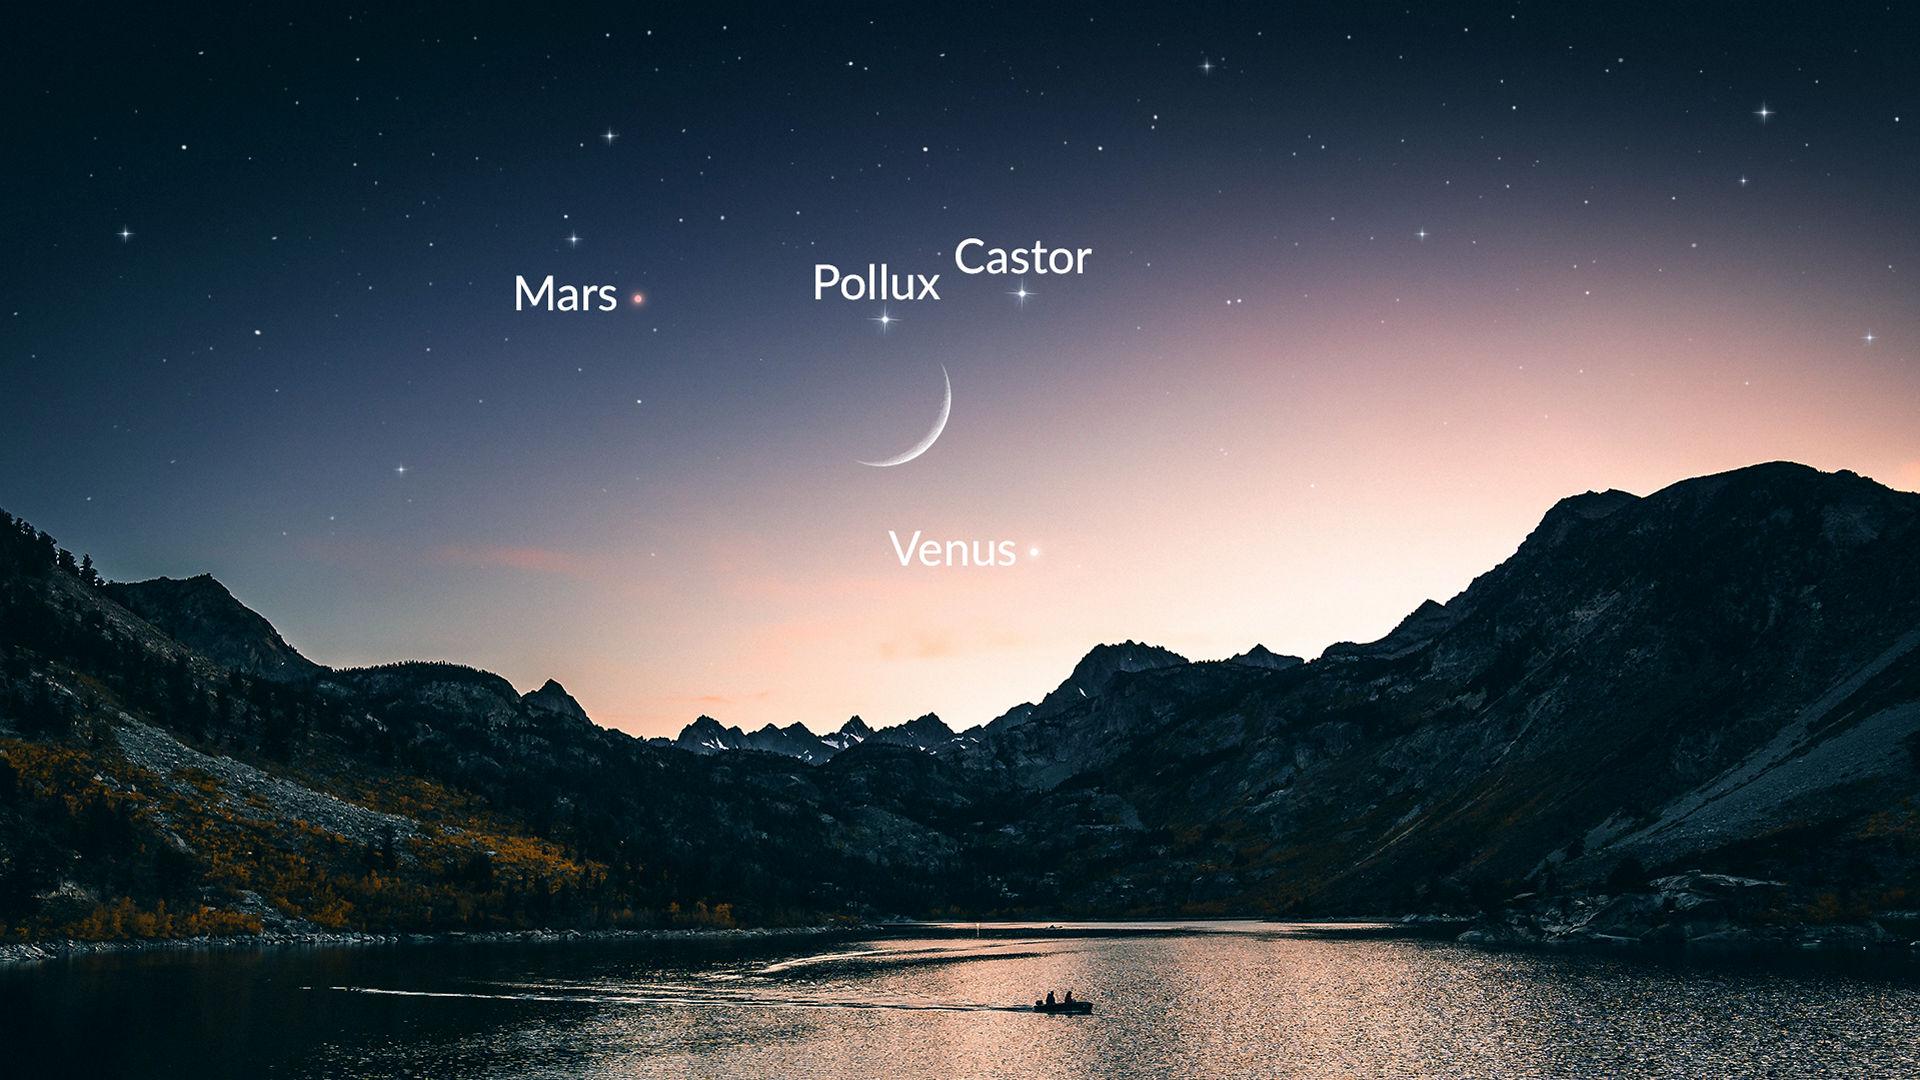 오늘 밤 하늘에서 달, 금성, 화성보기